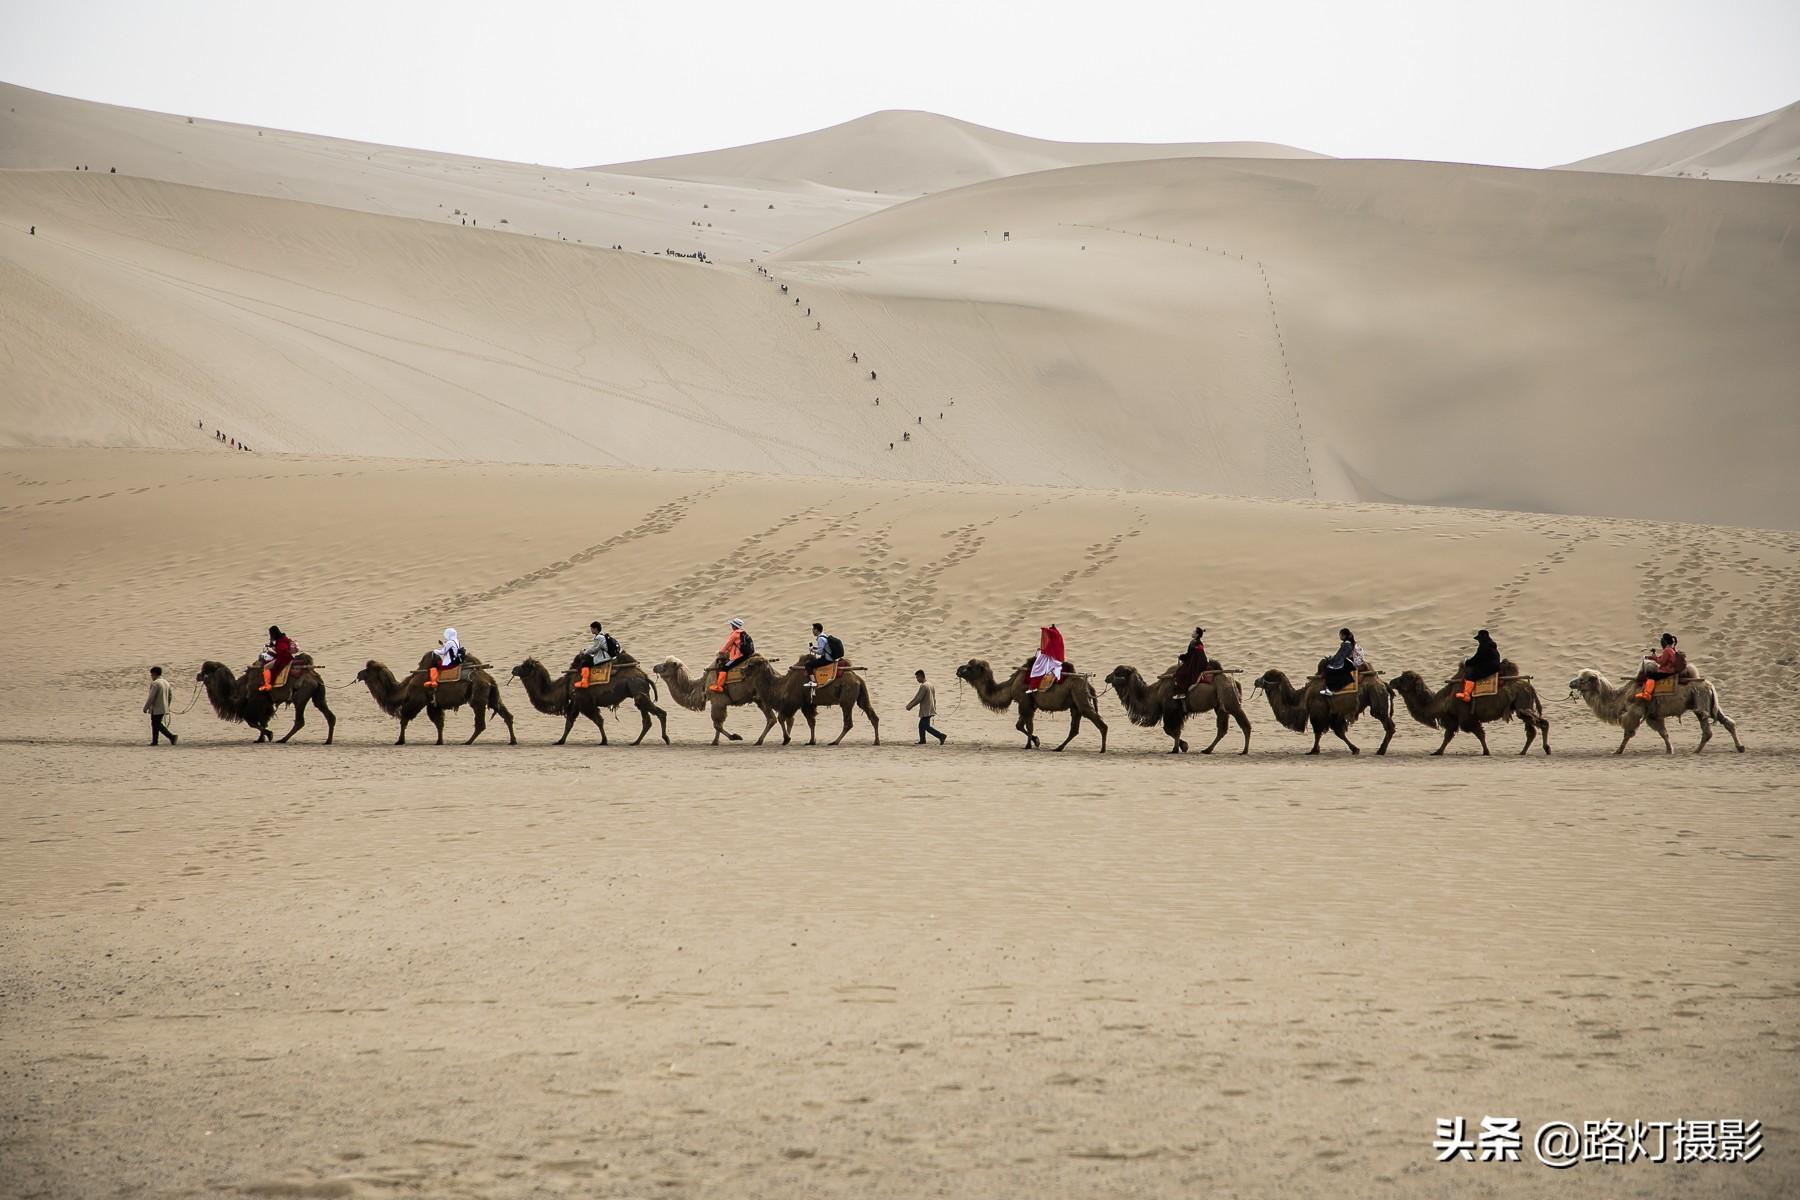 大美甘肃,亚洲最佳旅游地的第一名!这10个旅行地此生一定要去